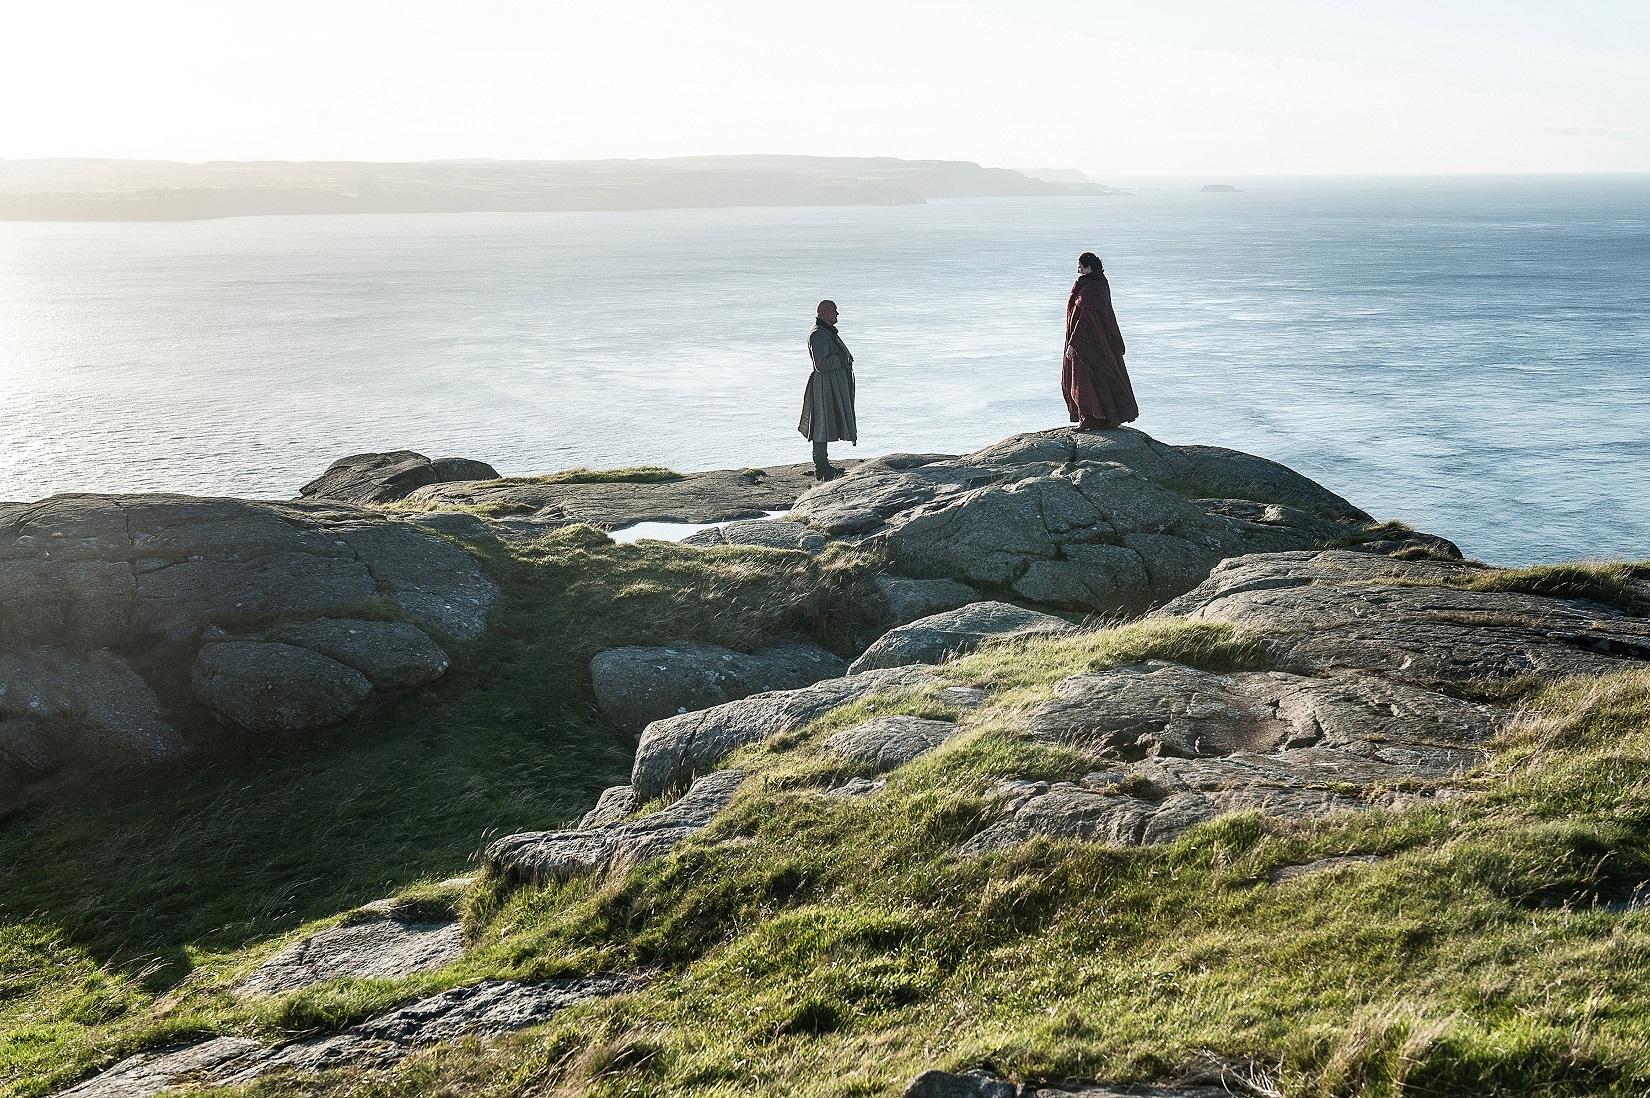 703 - Dragonstone - Varys, Melisandre 1